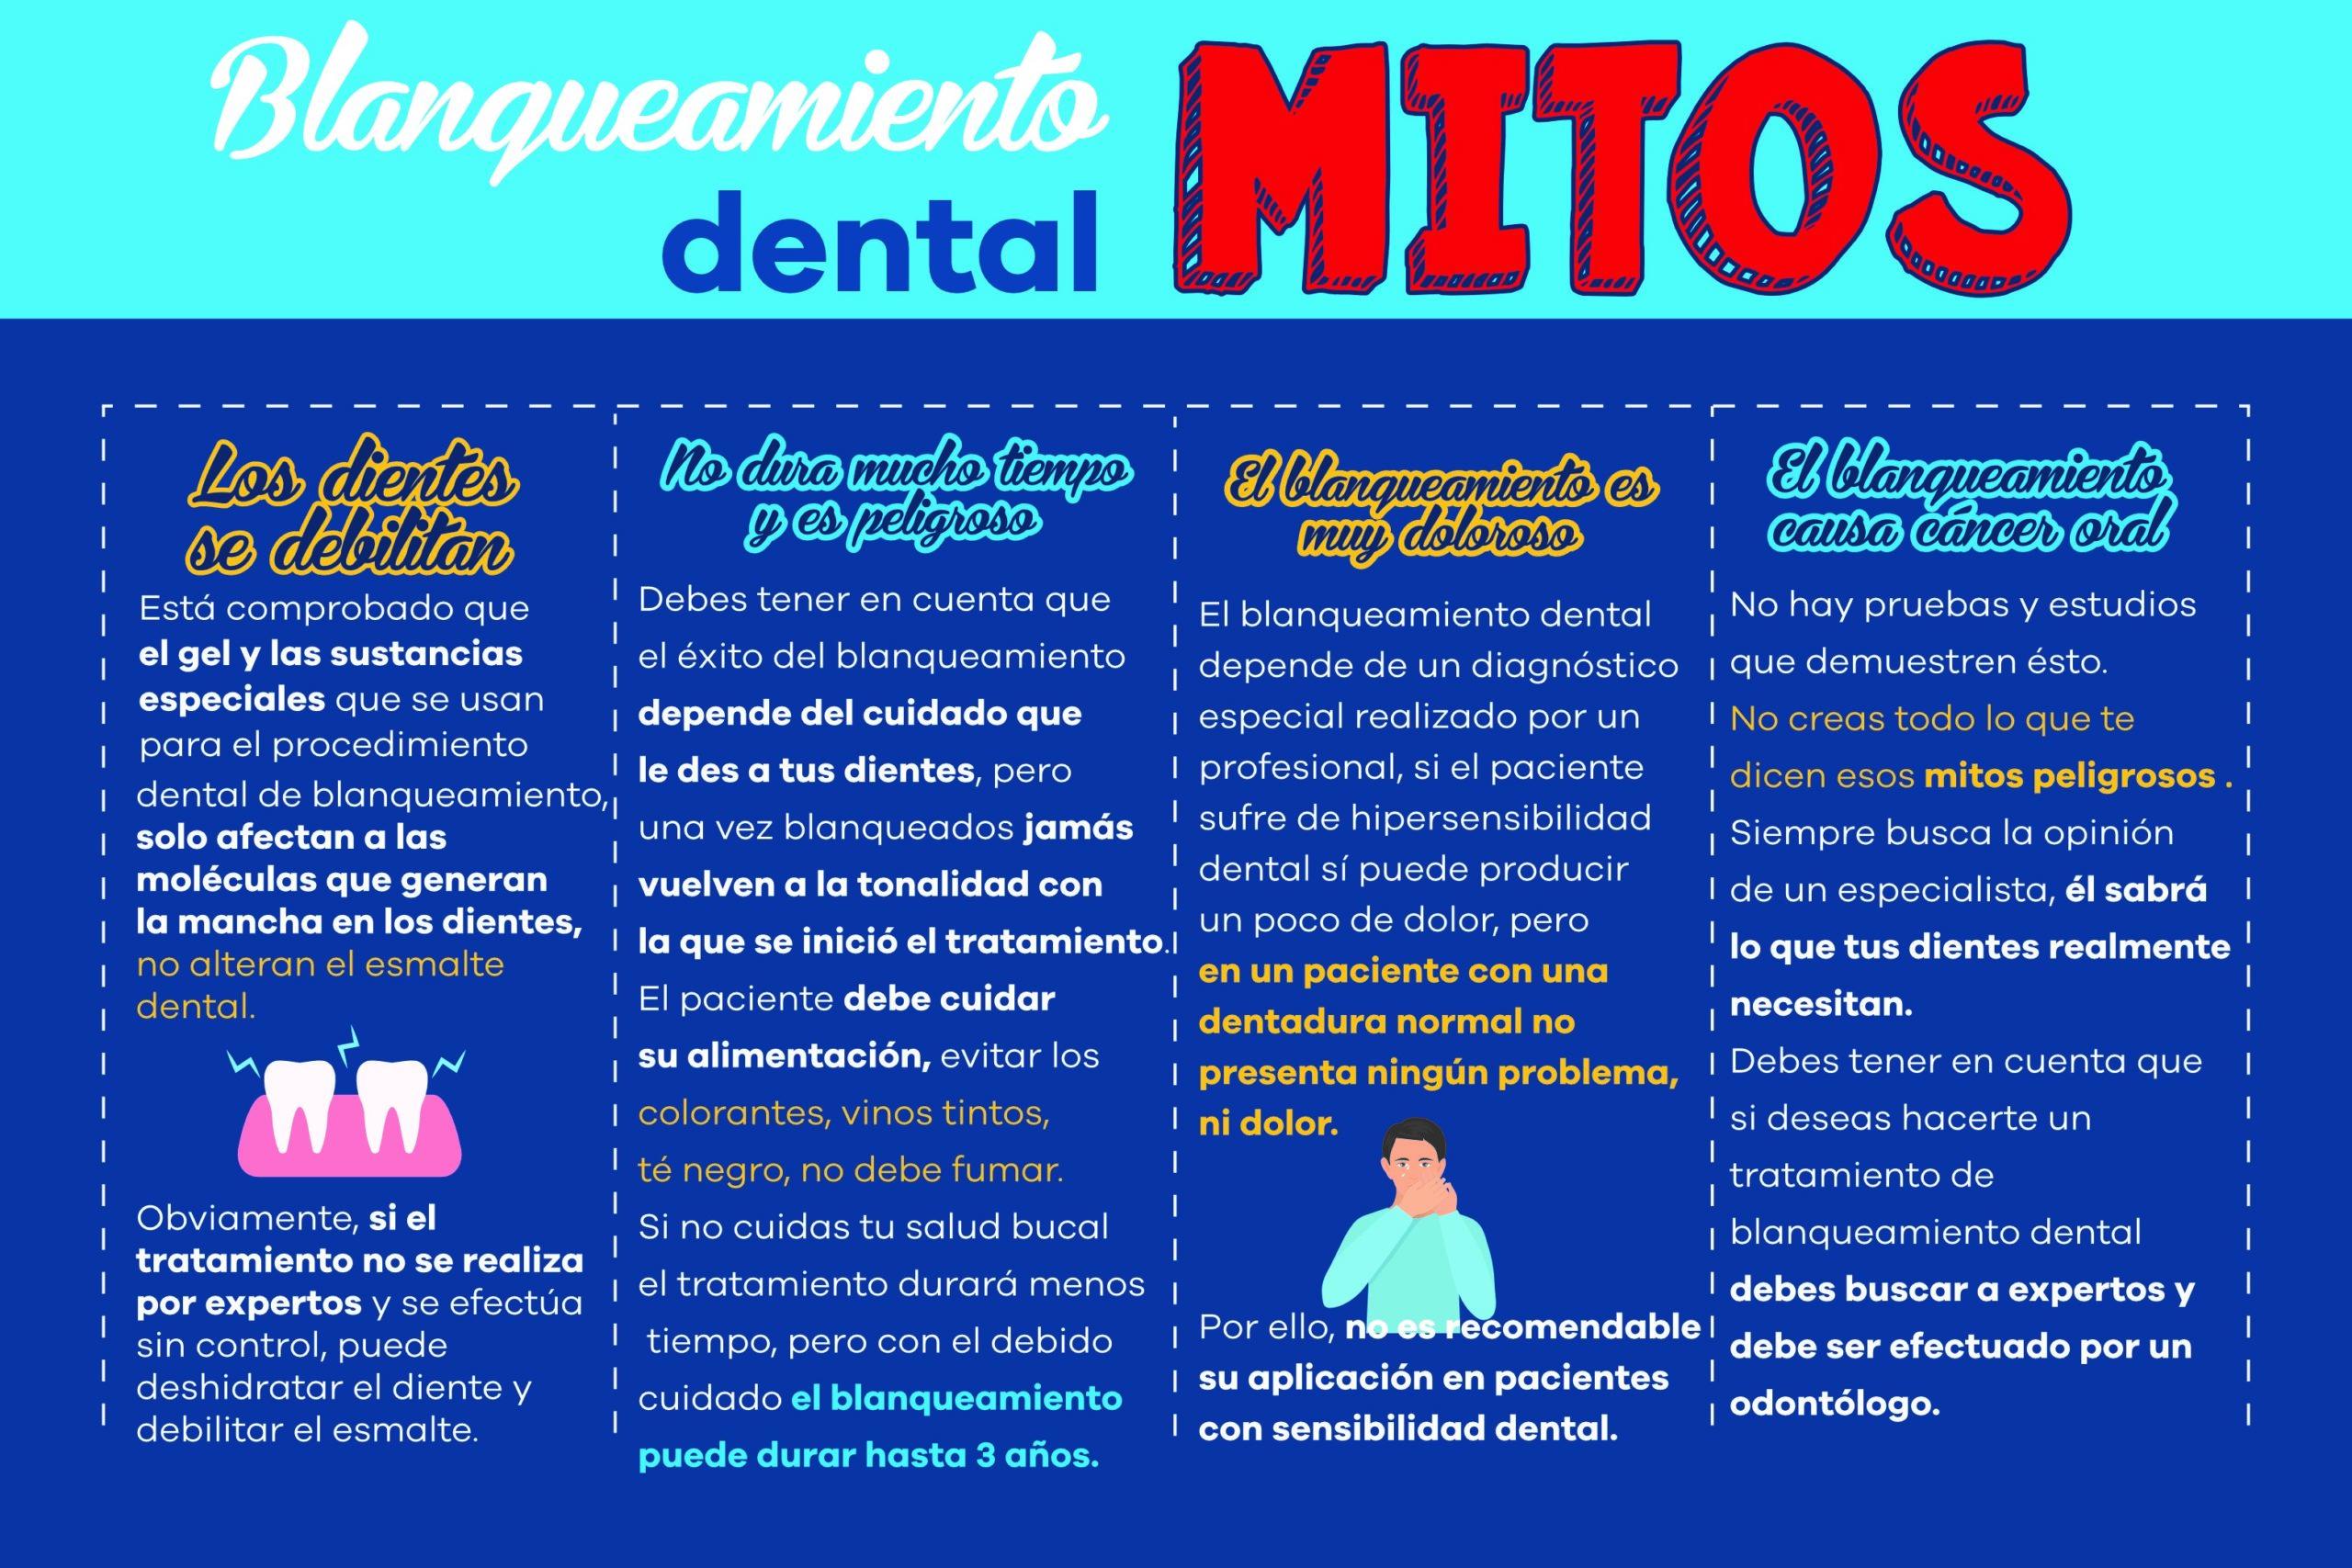 Blanqueamiento Dental: Qué es y Cuáles son sus Ventajas 13